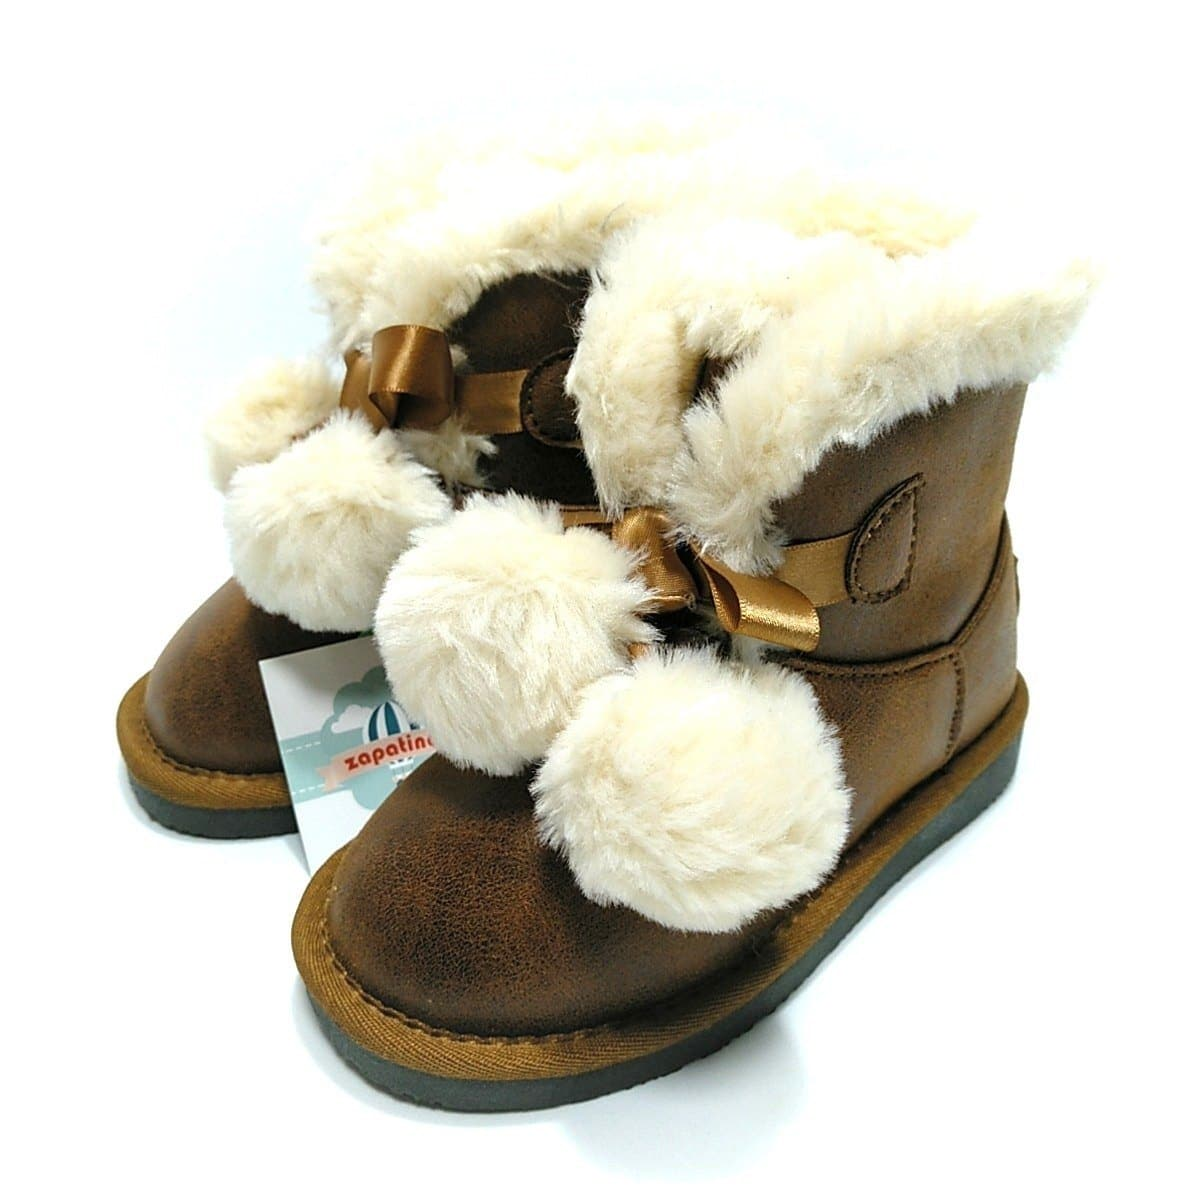 70f48bb3 Conguitos botas australianas pompones cuero para niña * Zapatines